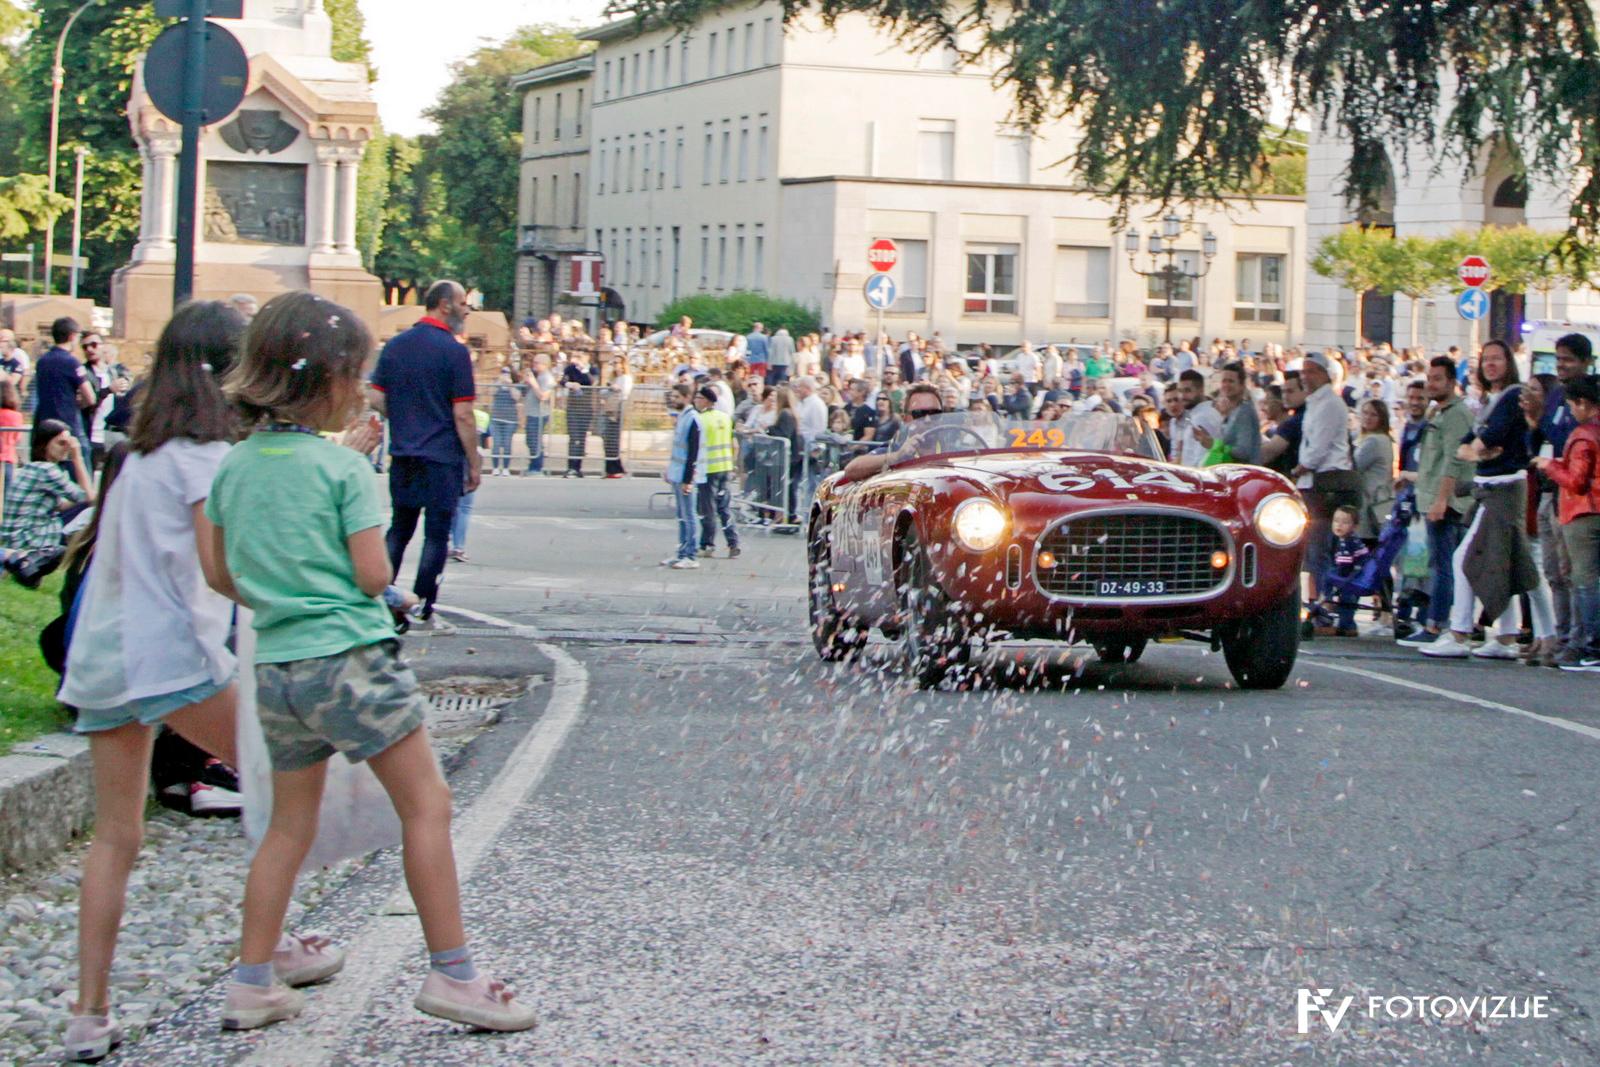 Ferrarija 340 America spider Vignale je na cilju v Brescii doletel otroški tuš